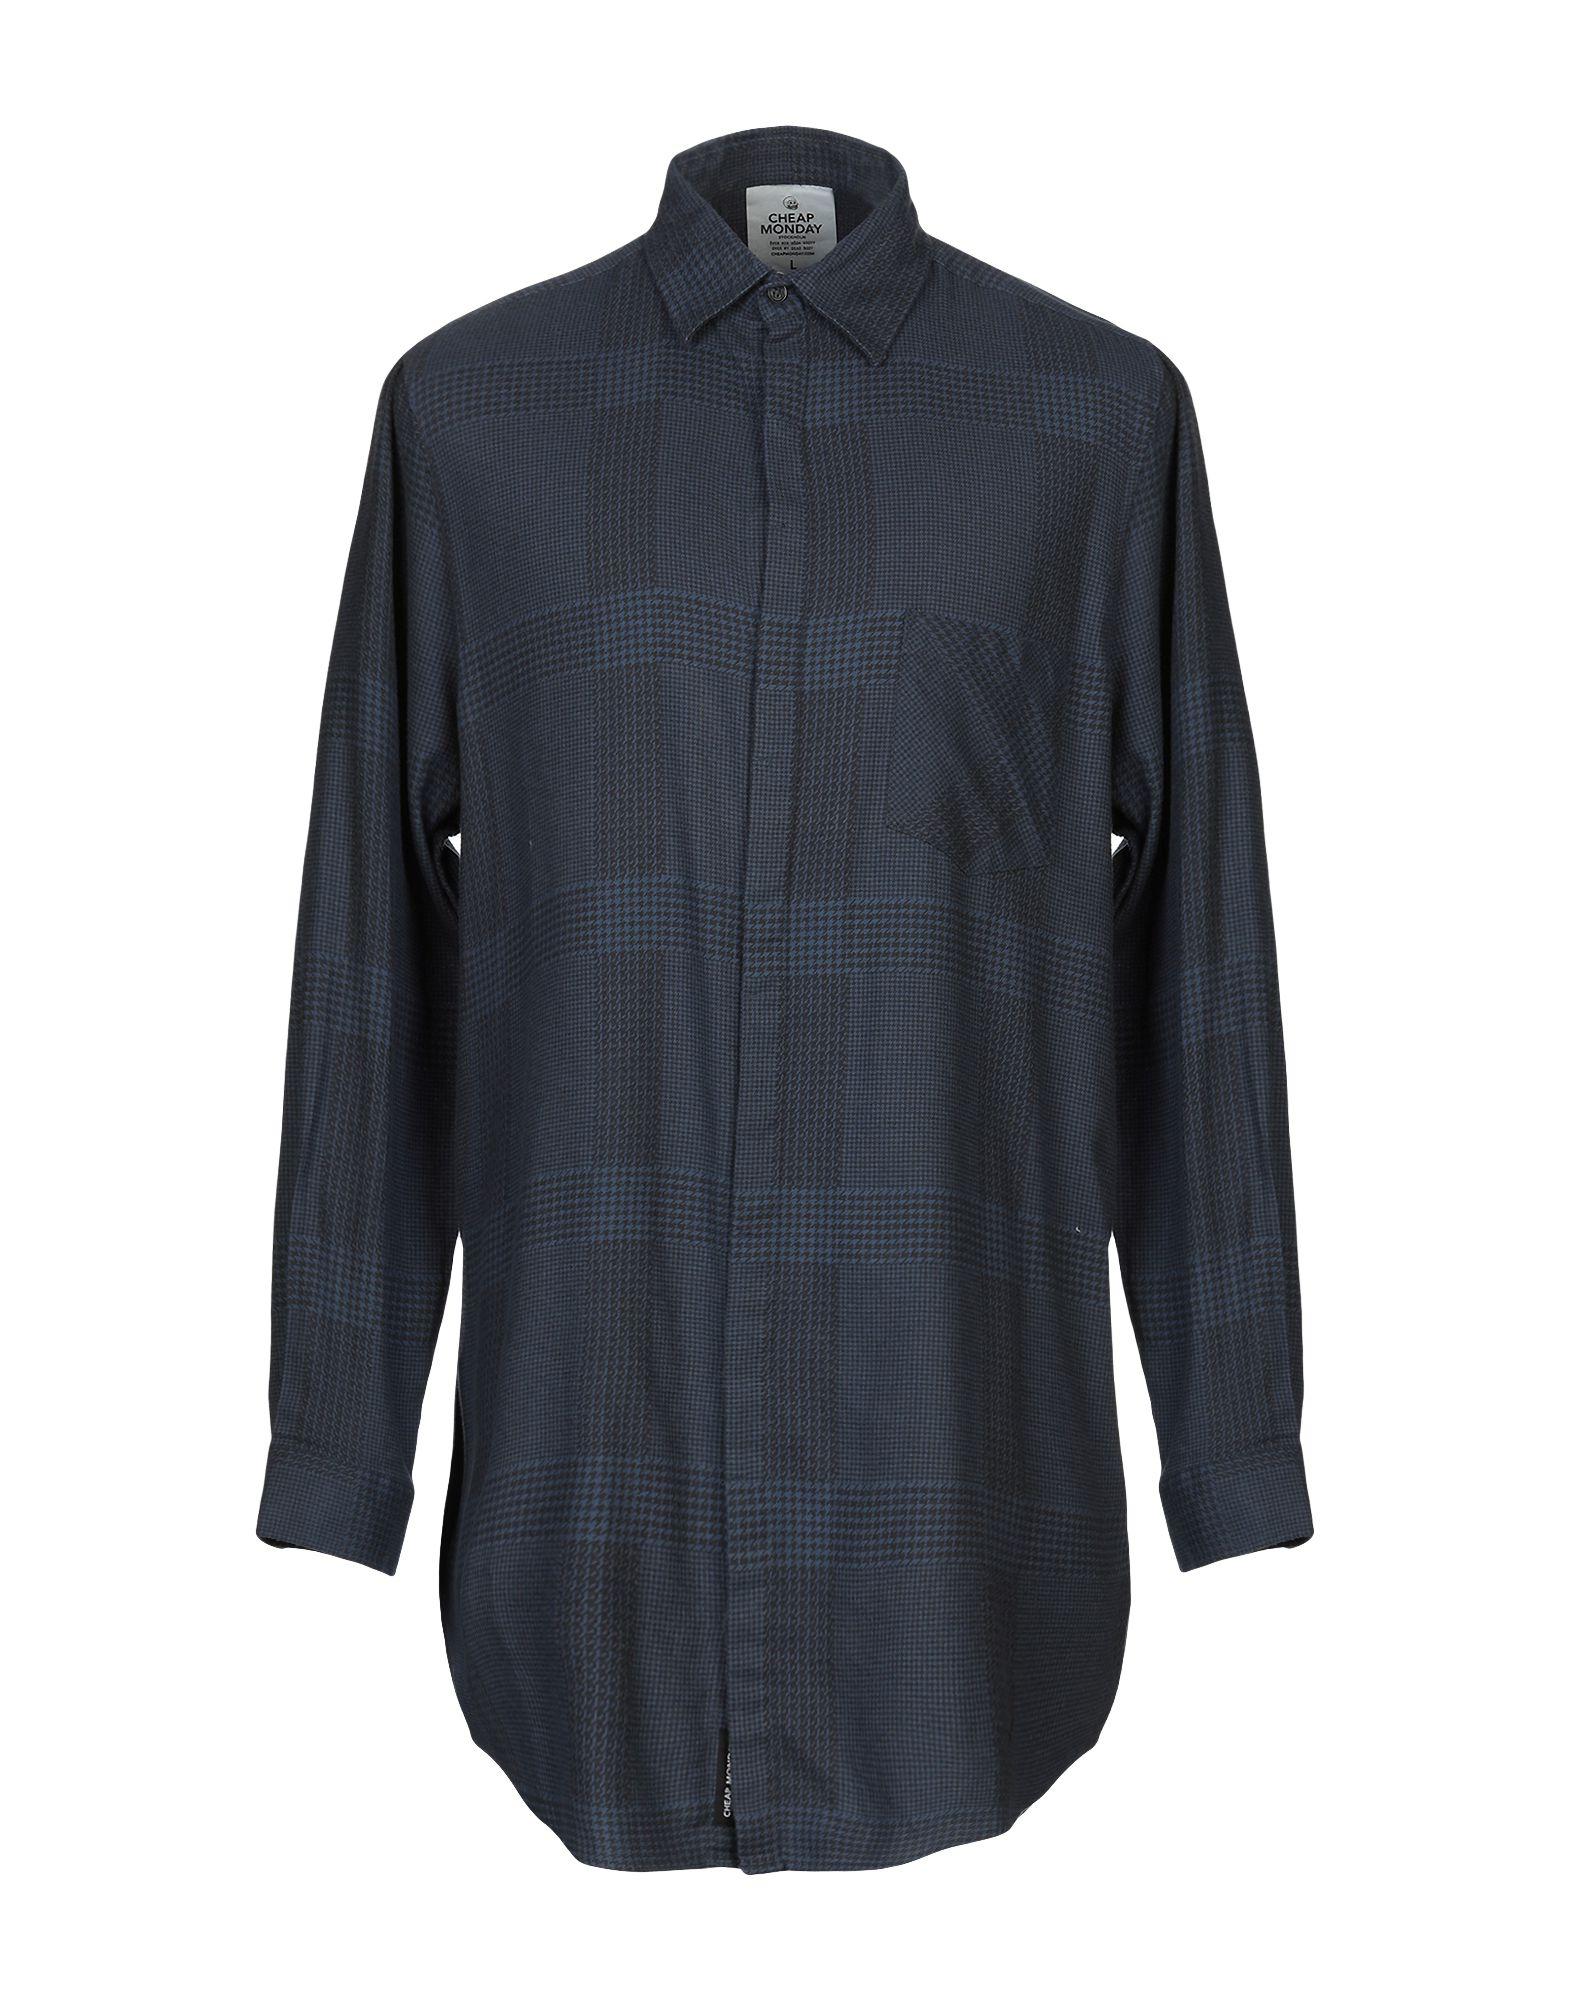 《送料無料》CHEAP MONDAY メンズ シャツ ダークブルー L コットン 100%